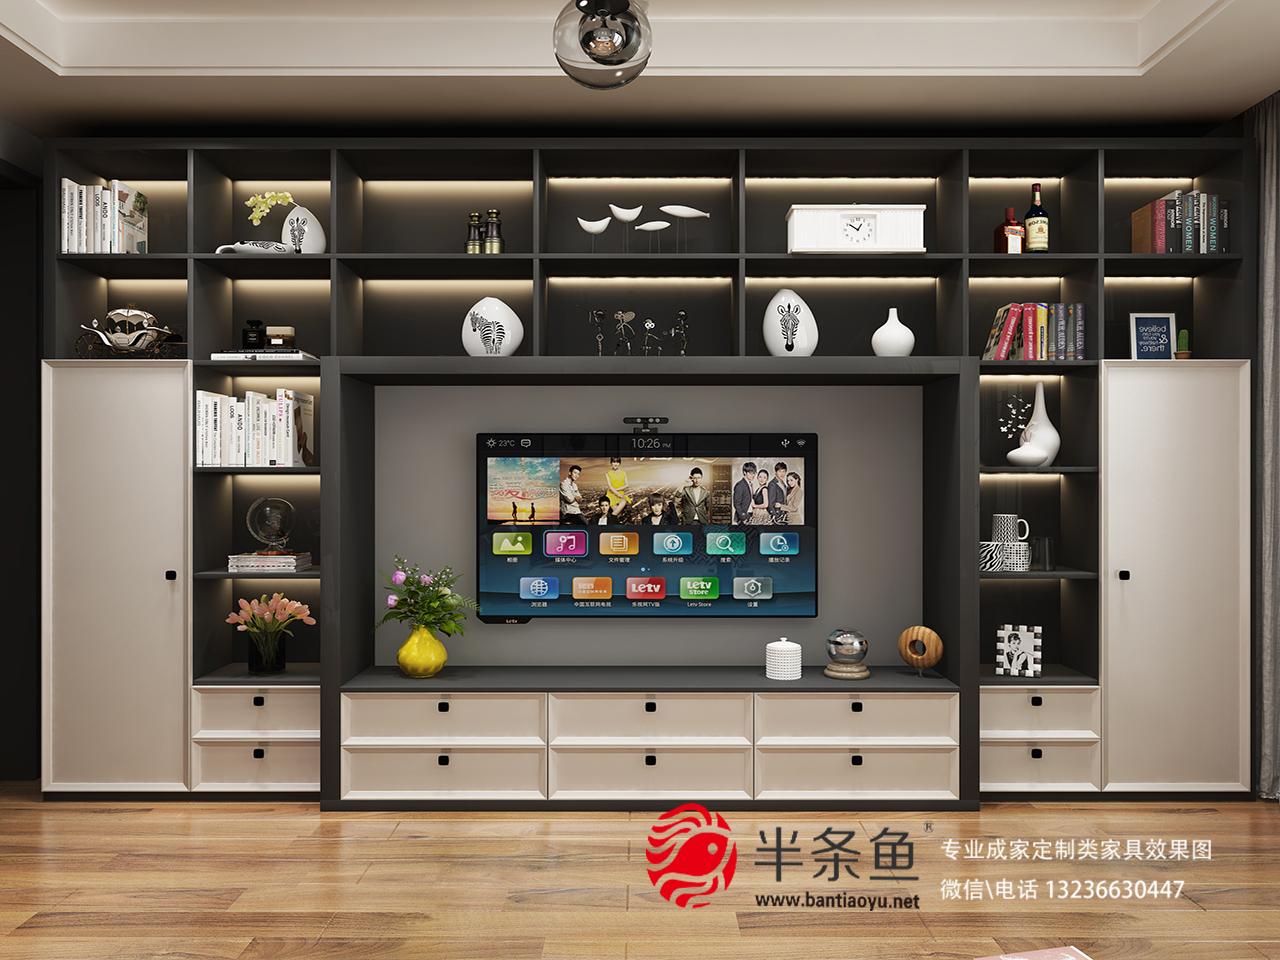 厨房 卧室 客厅 欧式 简约图片来自半条鱼的小鱼儿在半条鱼设计公司七月份赏析的分享